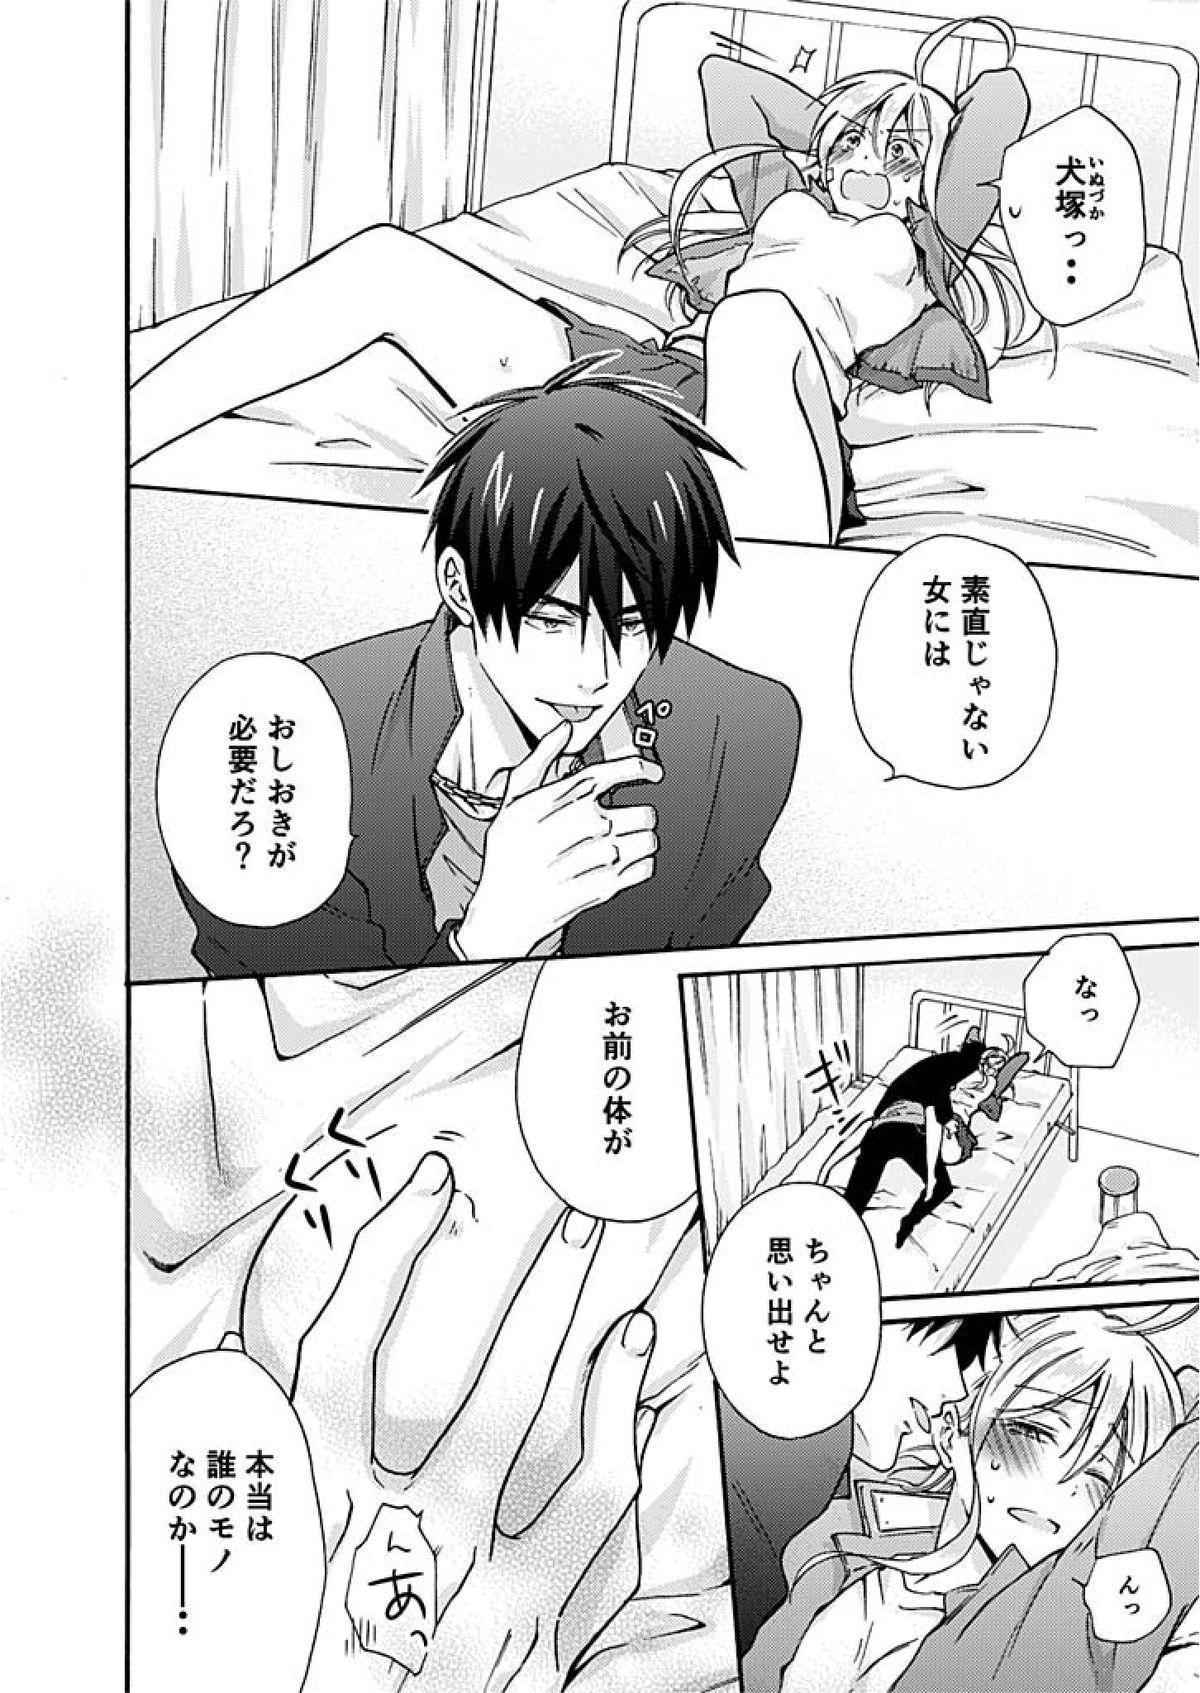 Nyotaika Yankee Gakuen ☆ Ore no Hajimete, Nerawaretemasu. 2 16